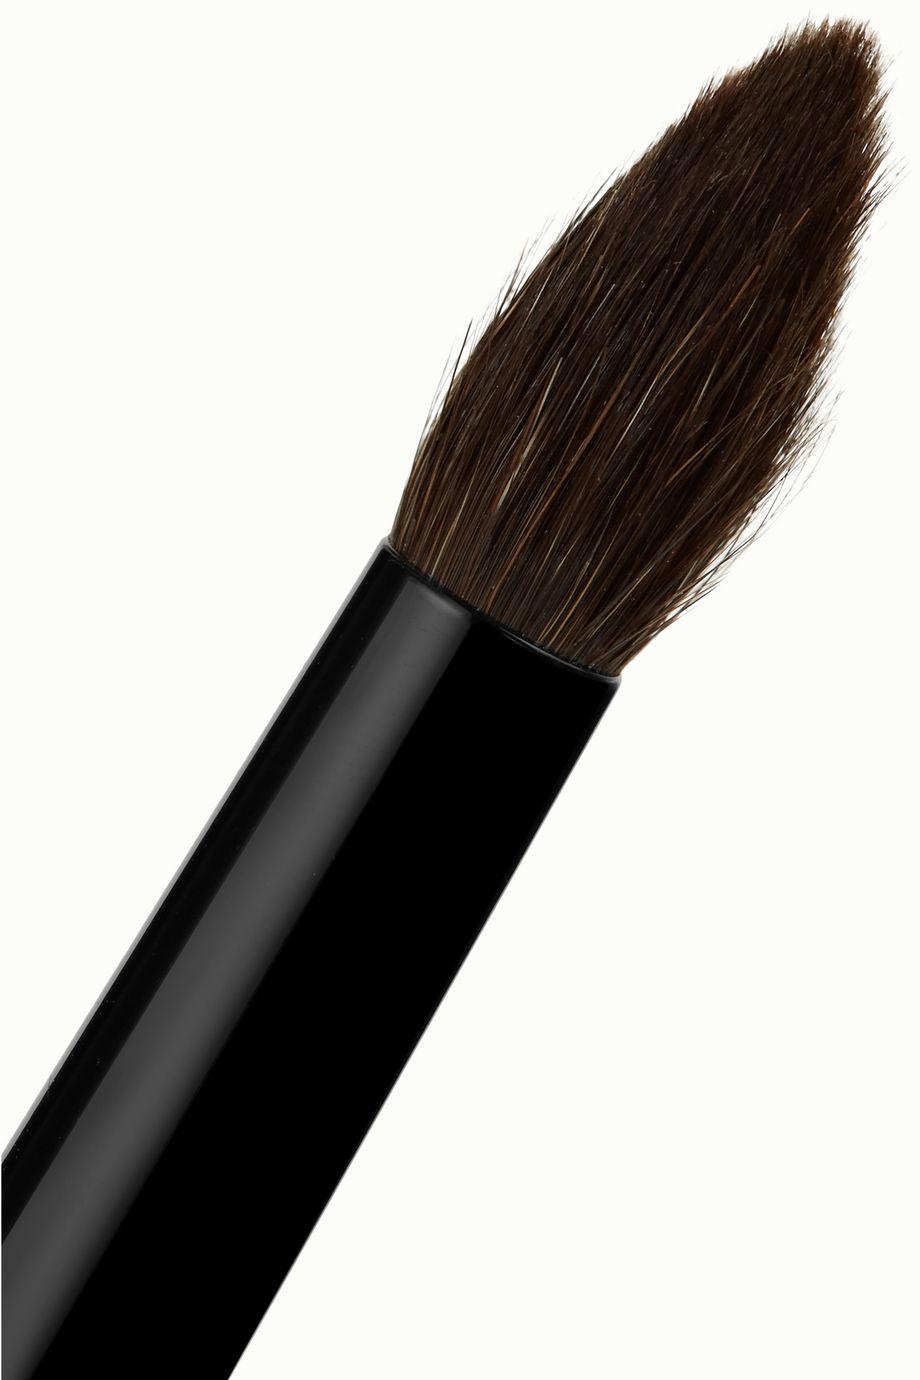 Rae Morris Jishaku 8 Medium Point Shader Brush